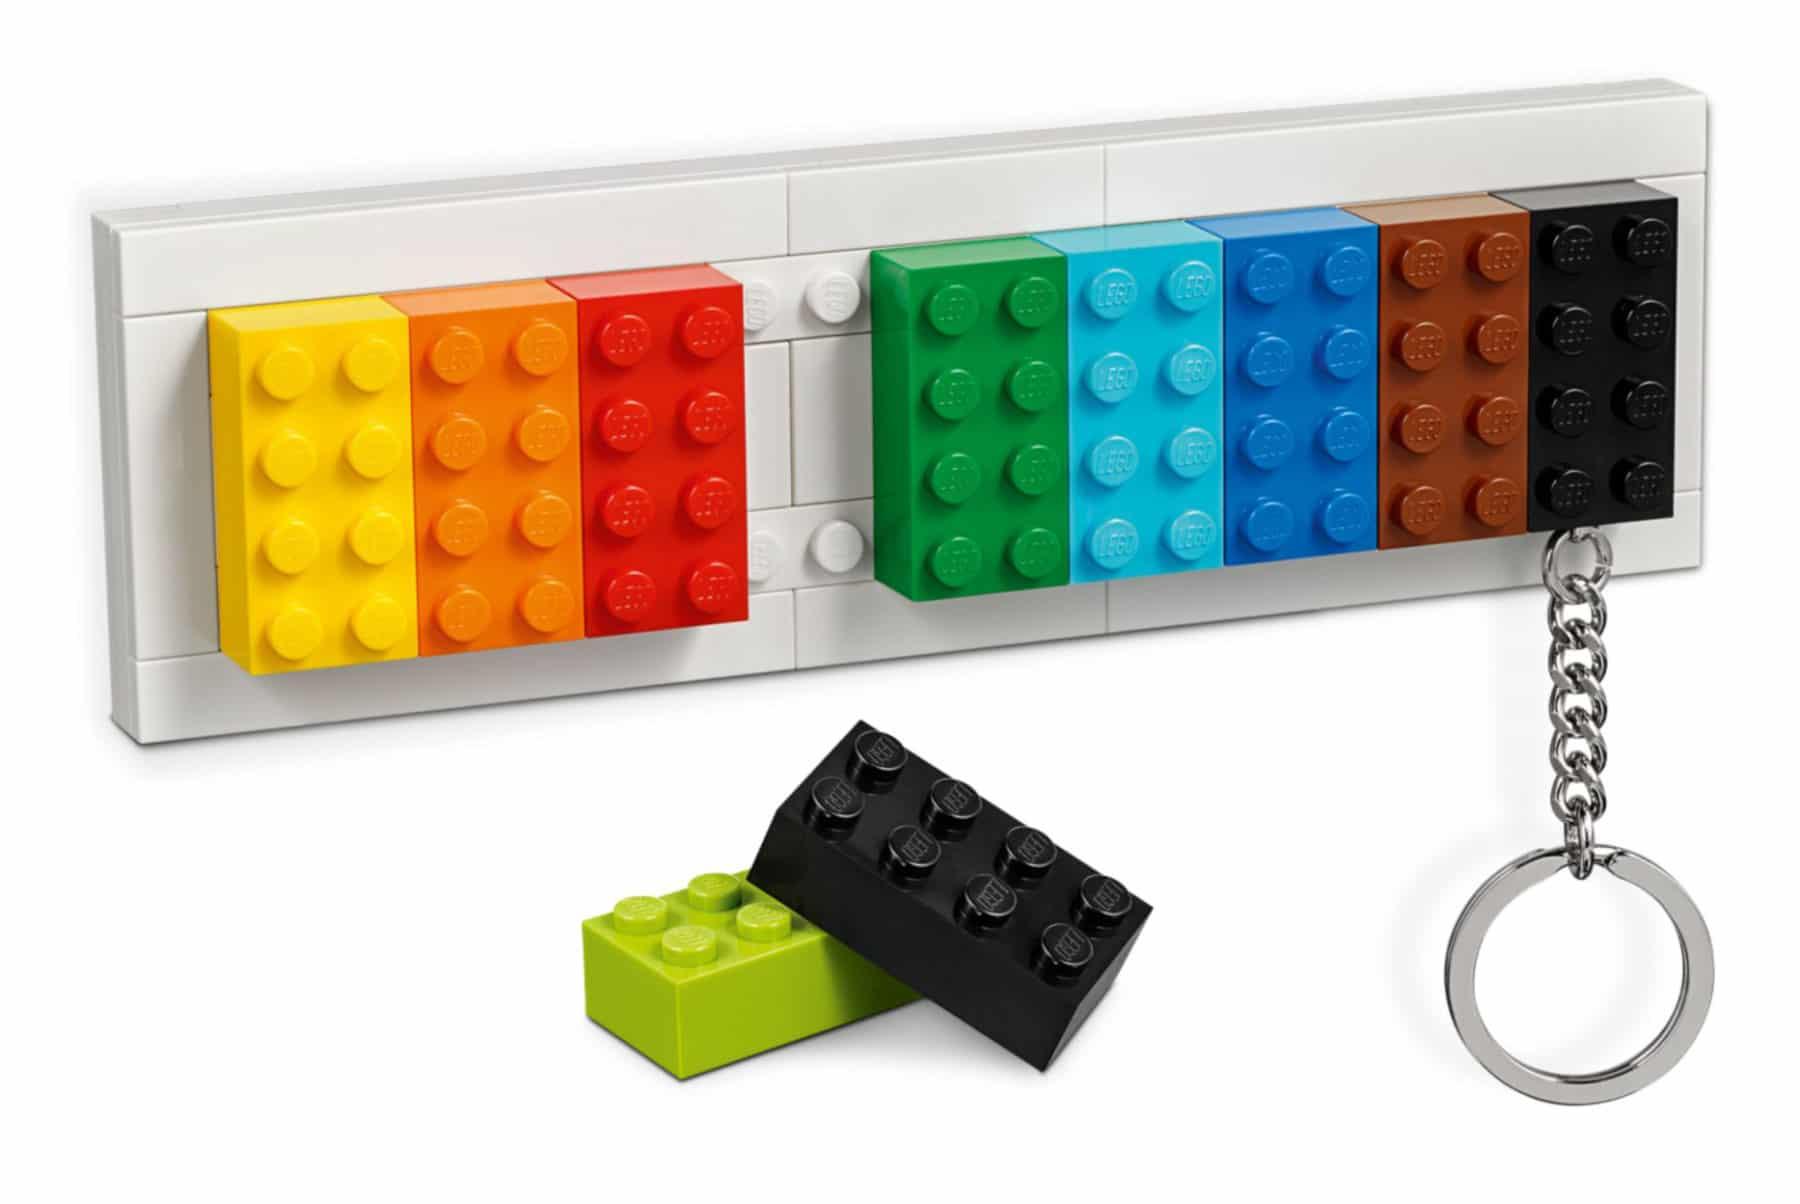 Neue LEGO Zubehör-Sets aufgetaucht: Magnete